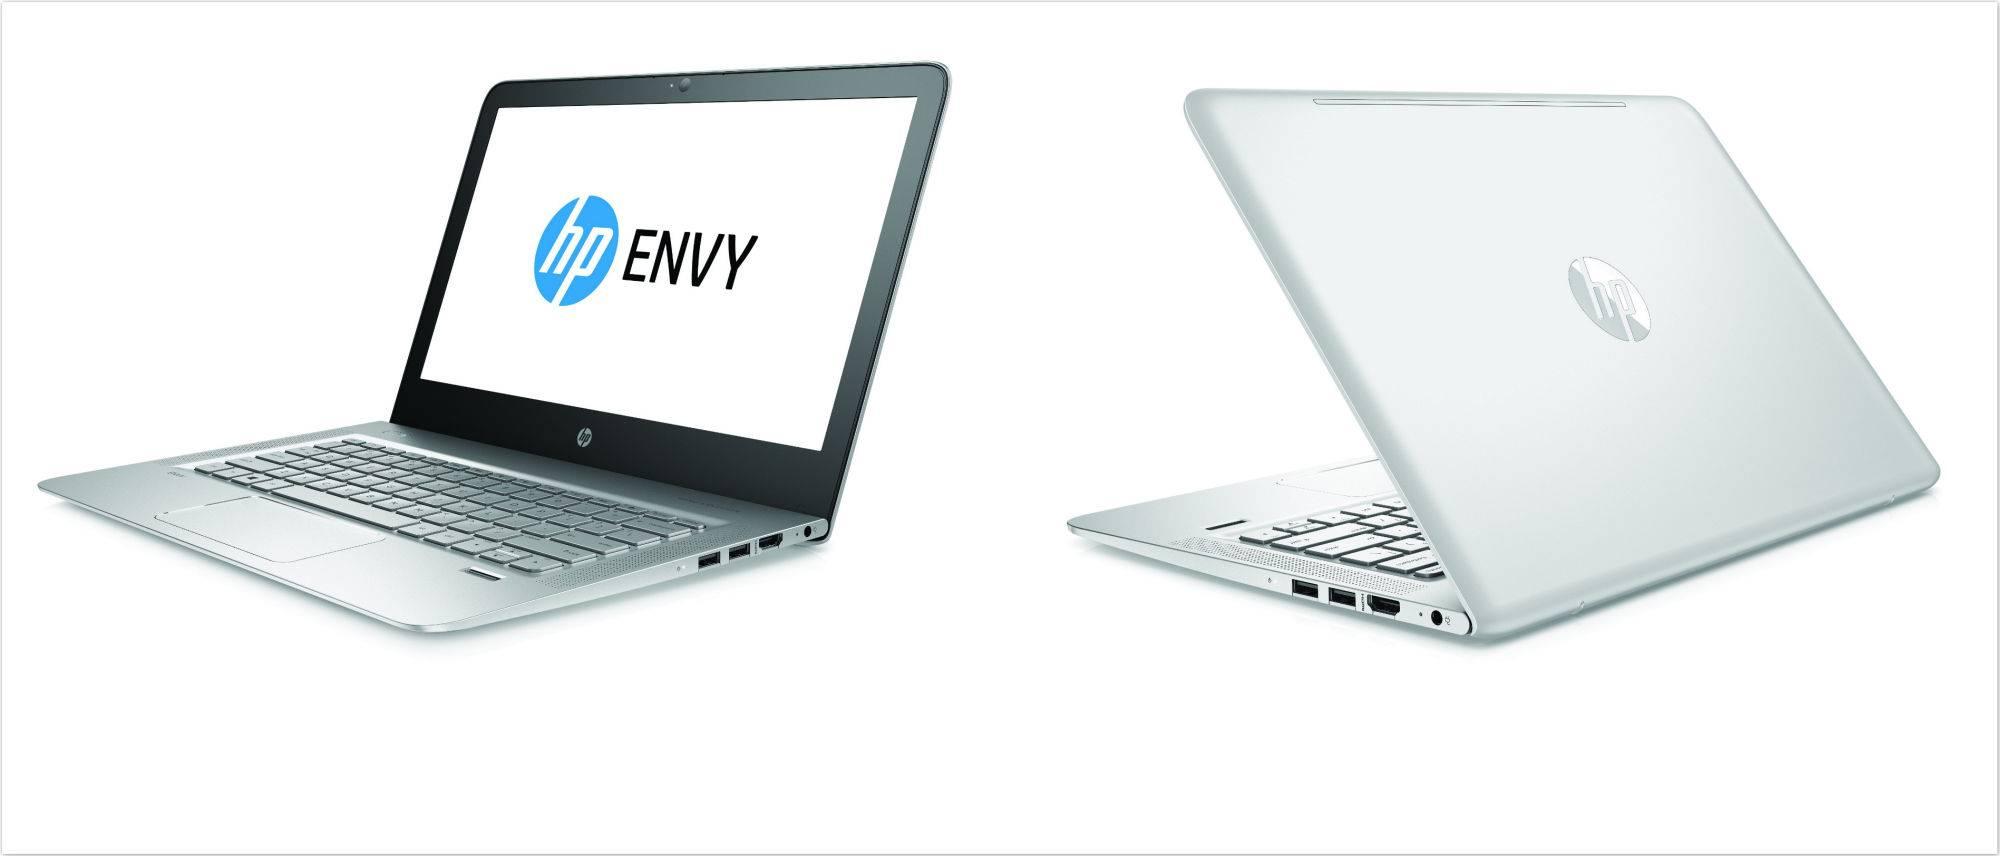 HP ENVY 13.3 inch Notebook PC_Image 1_meitu_3.jpg